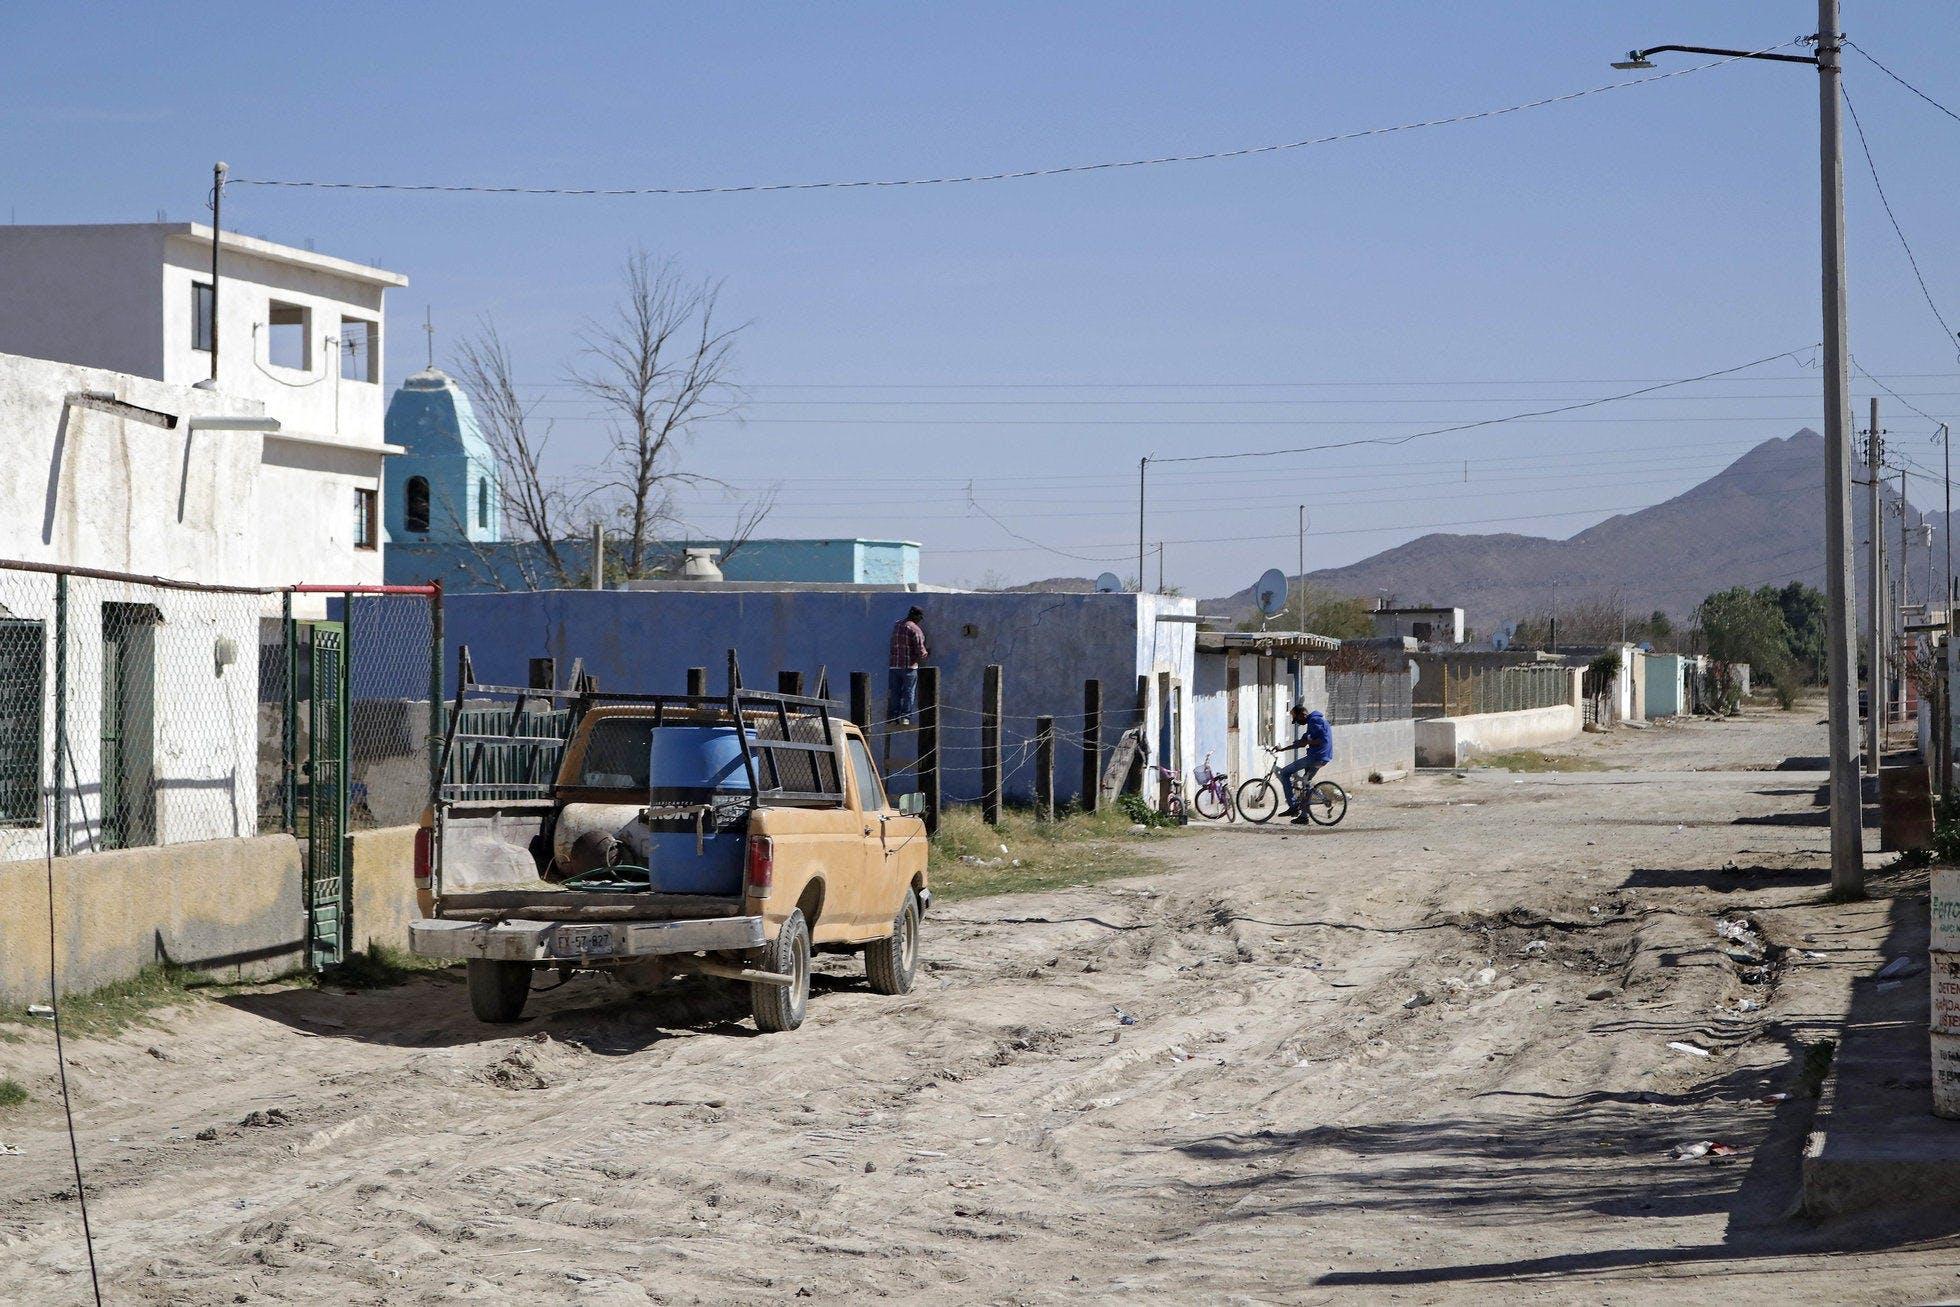 Una camioneta viaja abandonada en una de las calles sin pavimentar de Paredon. Al fondo se ve un monte.